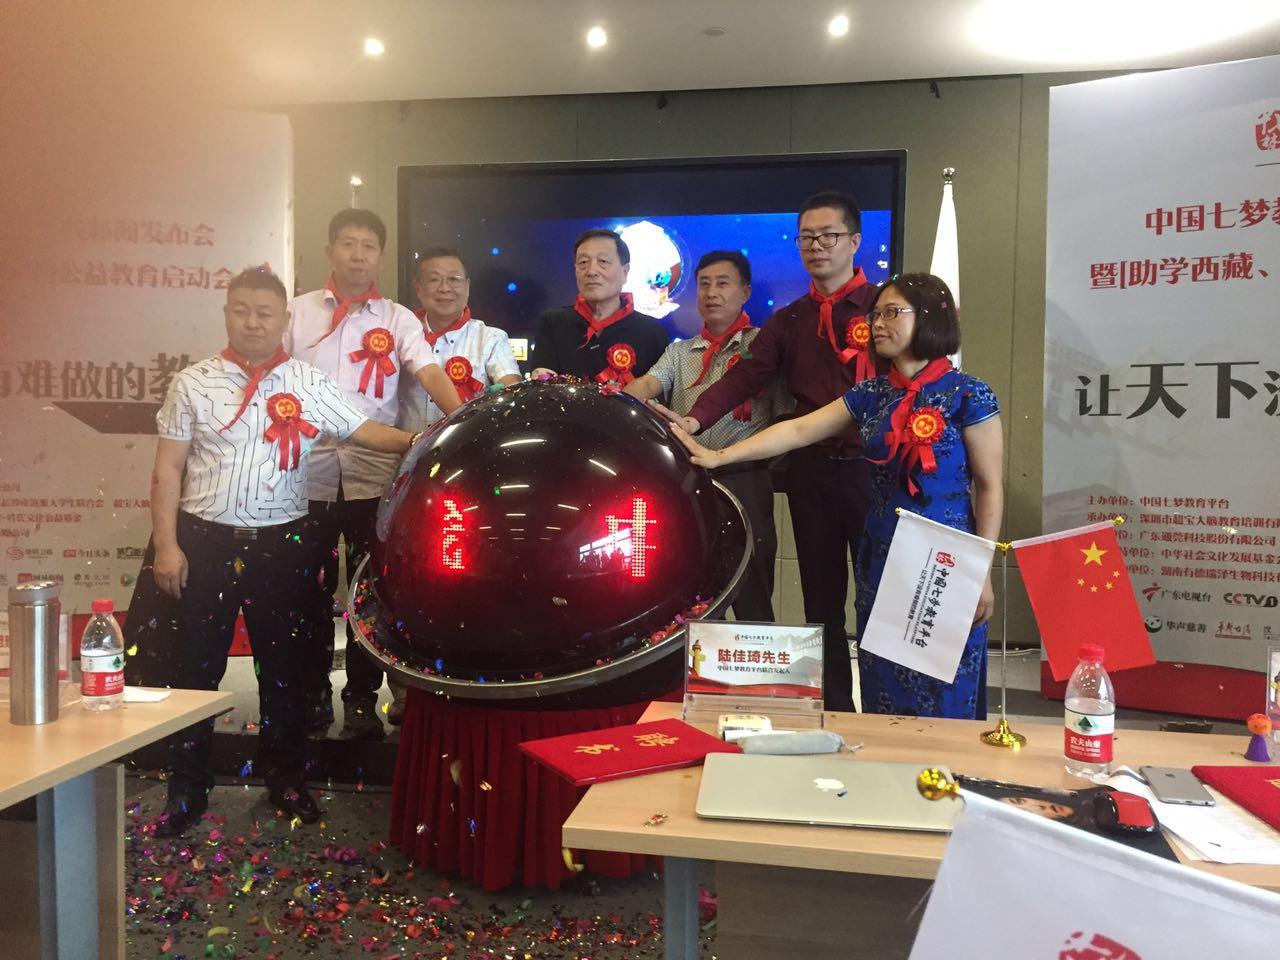 中国七梦教育平台正式上线